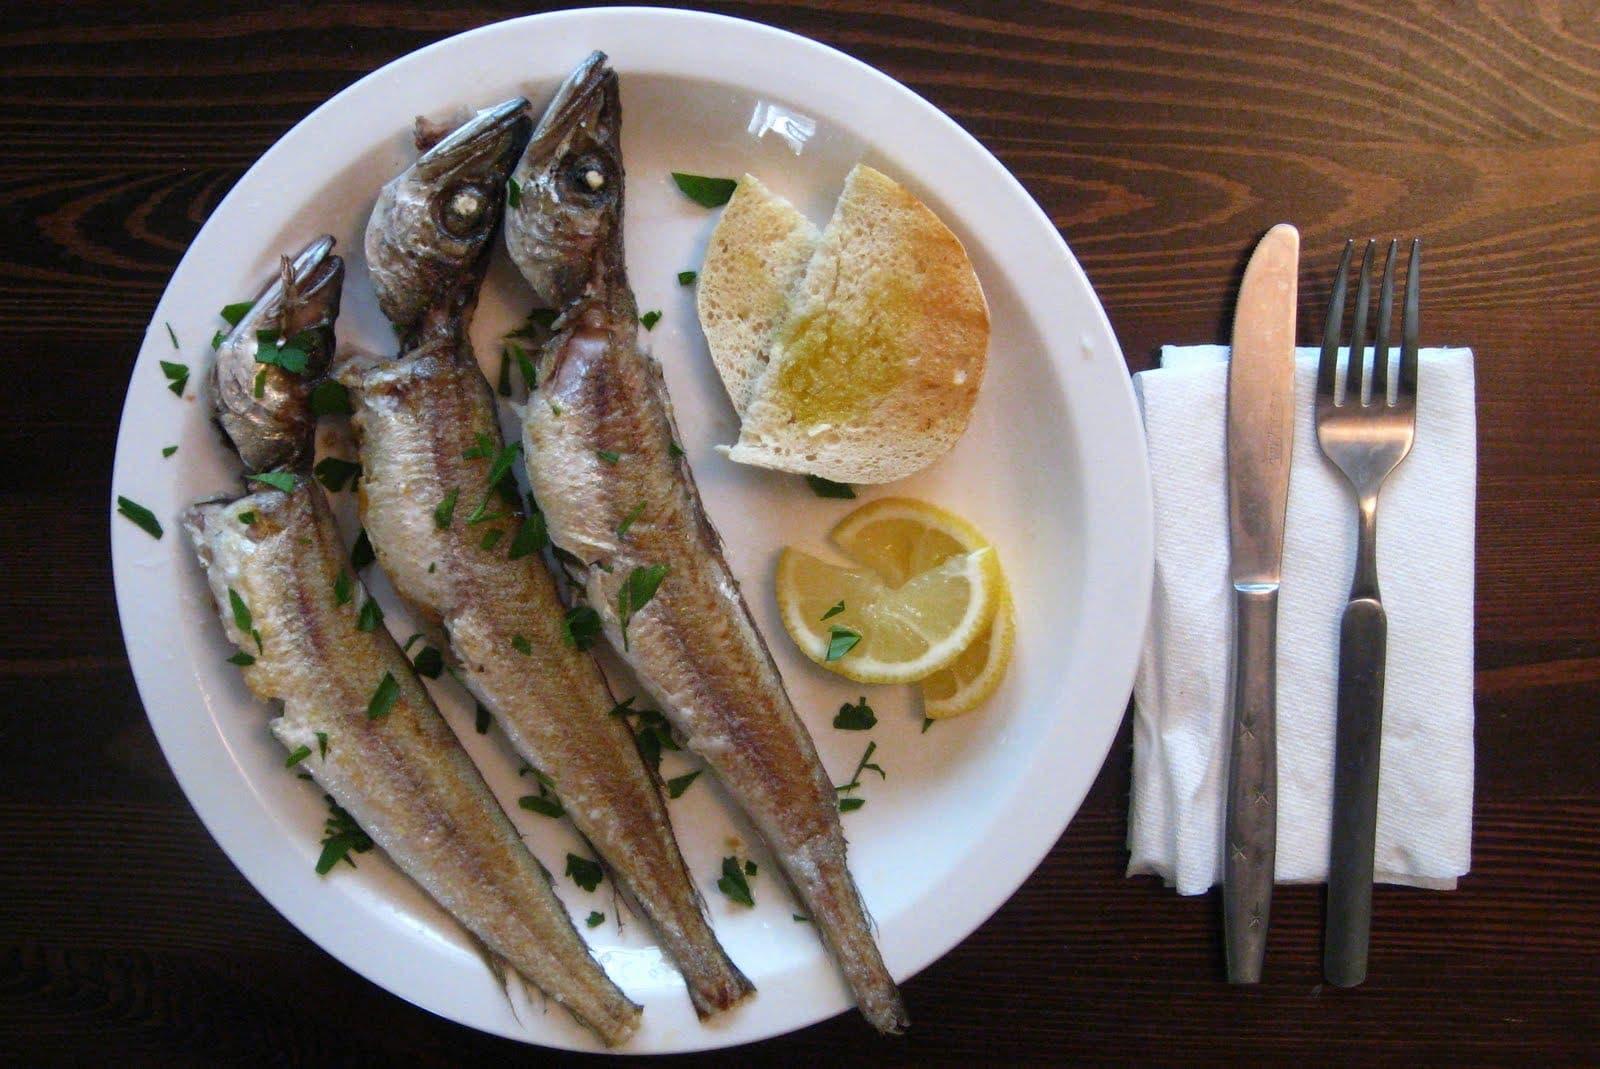 Fresh fish cuts cancer risk